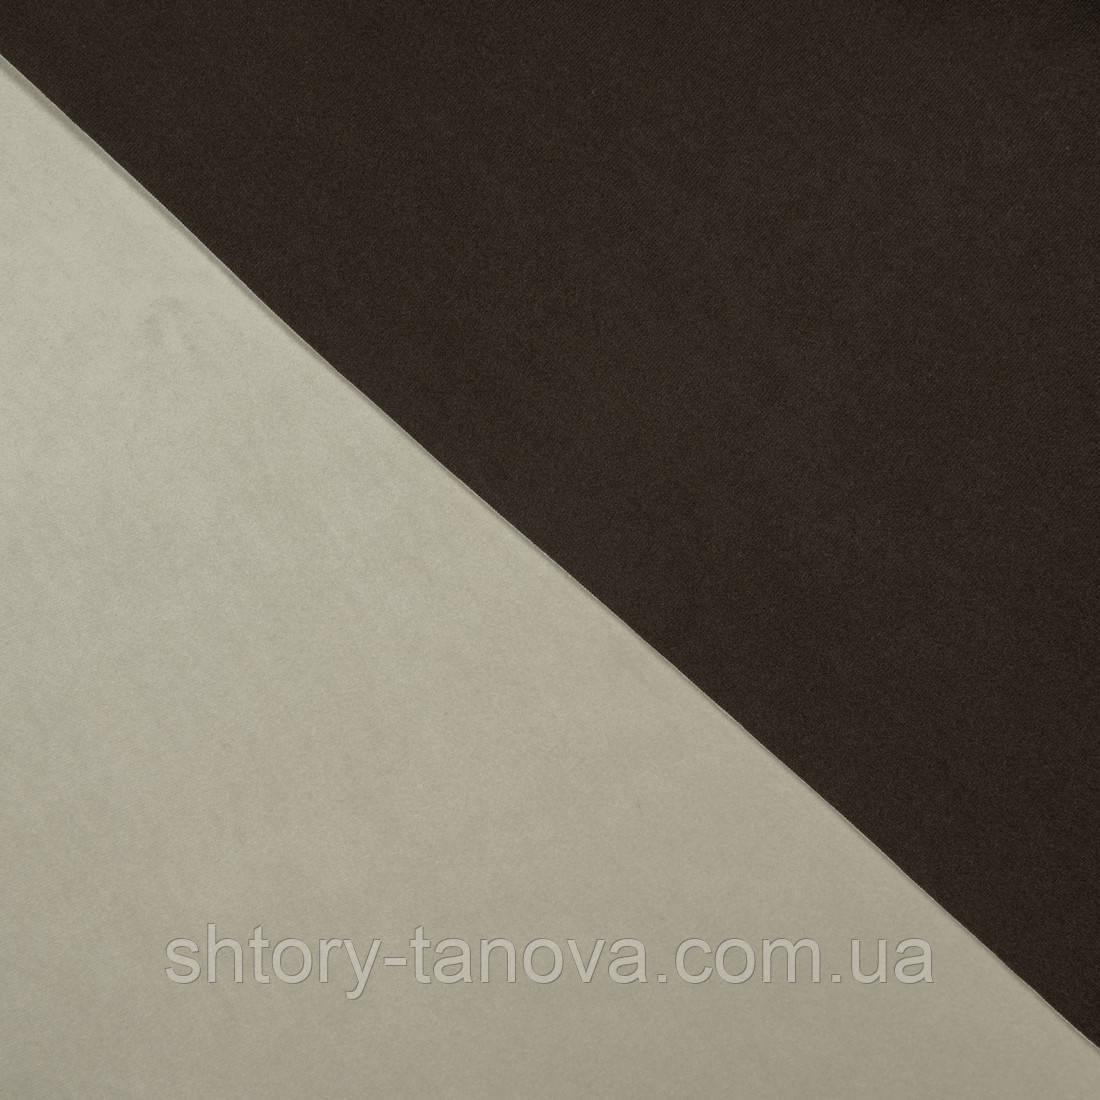 Декоративная ткань велюта св.беж